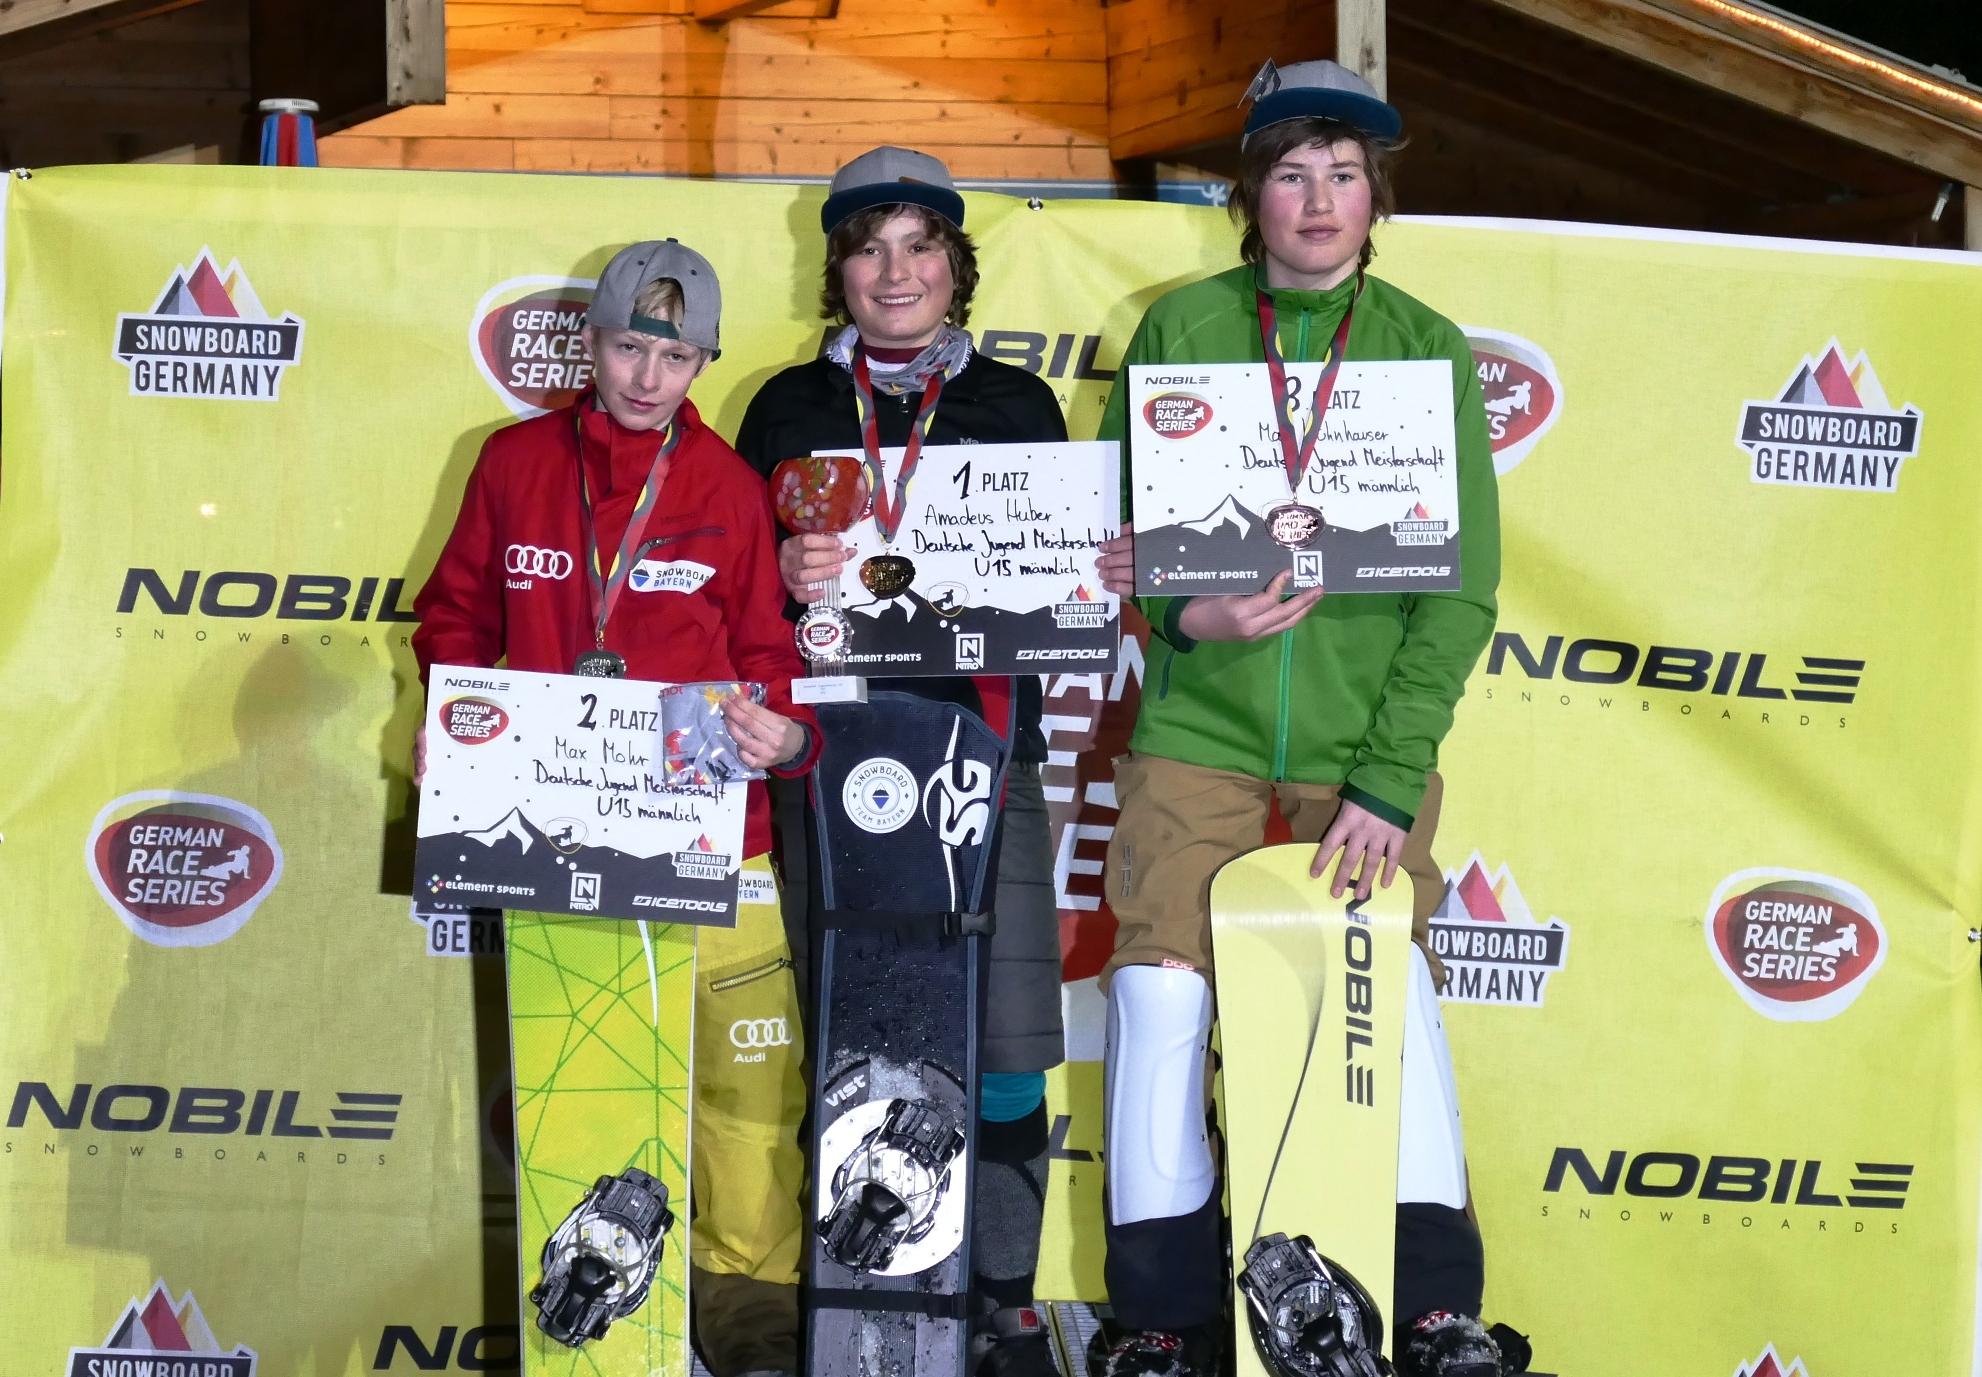 Auch der SC Schellenberg konnte einen Doppelsieg bei den Deutschen Jugendmeisterschaften der Snowboarder verbuchen. Es siegte Amadeus Huber vor Max Mohr (re.) und Max Kühnhauser vom WSV Königssee.